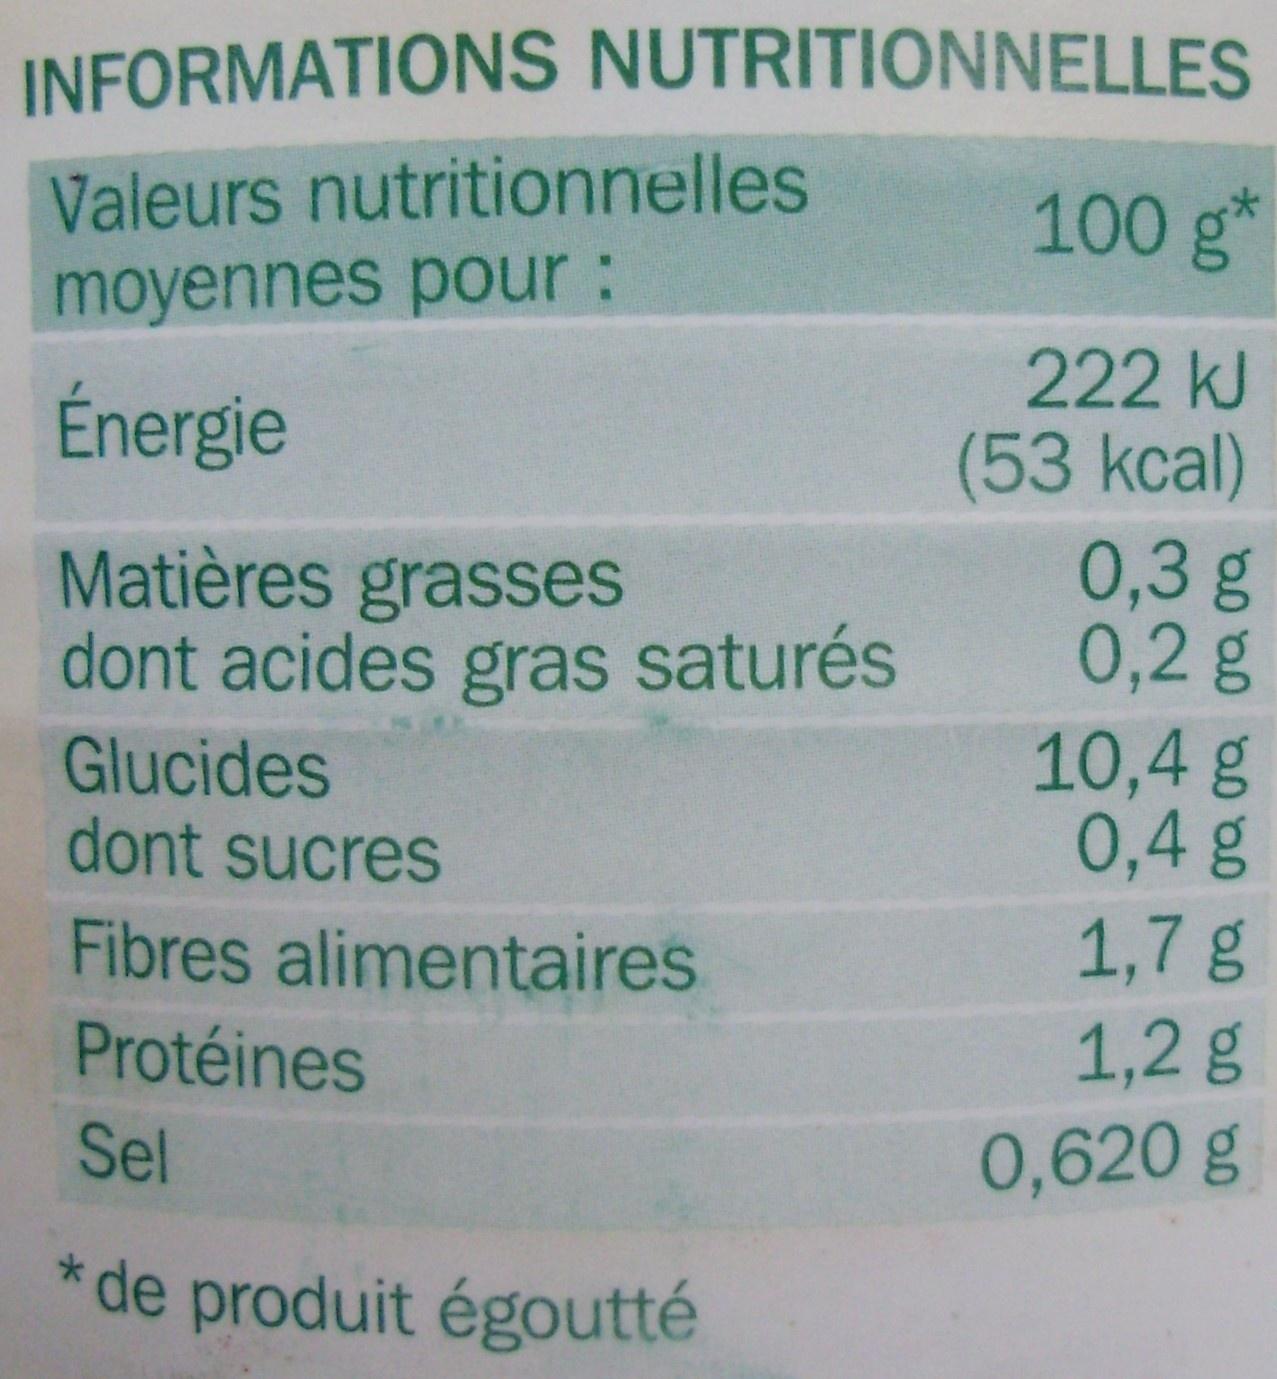 Pommes de terre - Nutrition facts